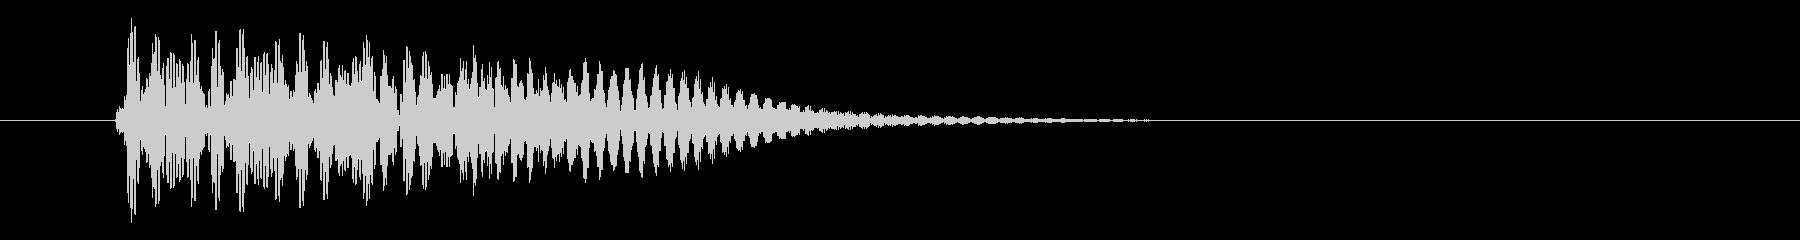 ピロン カーソル移動 決定音 01 低音の未再生の波形